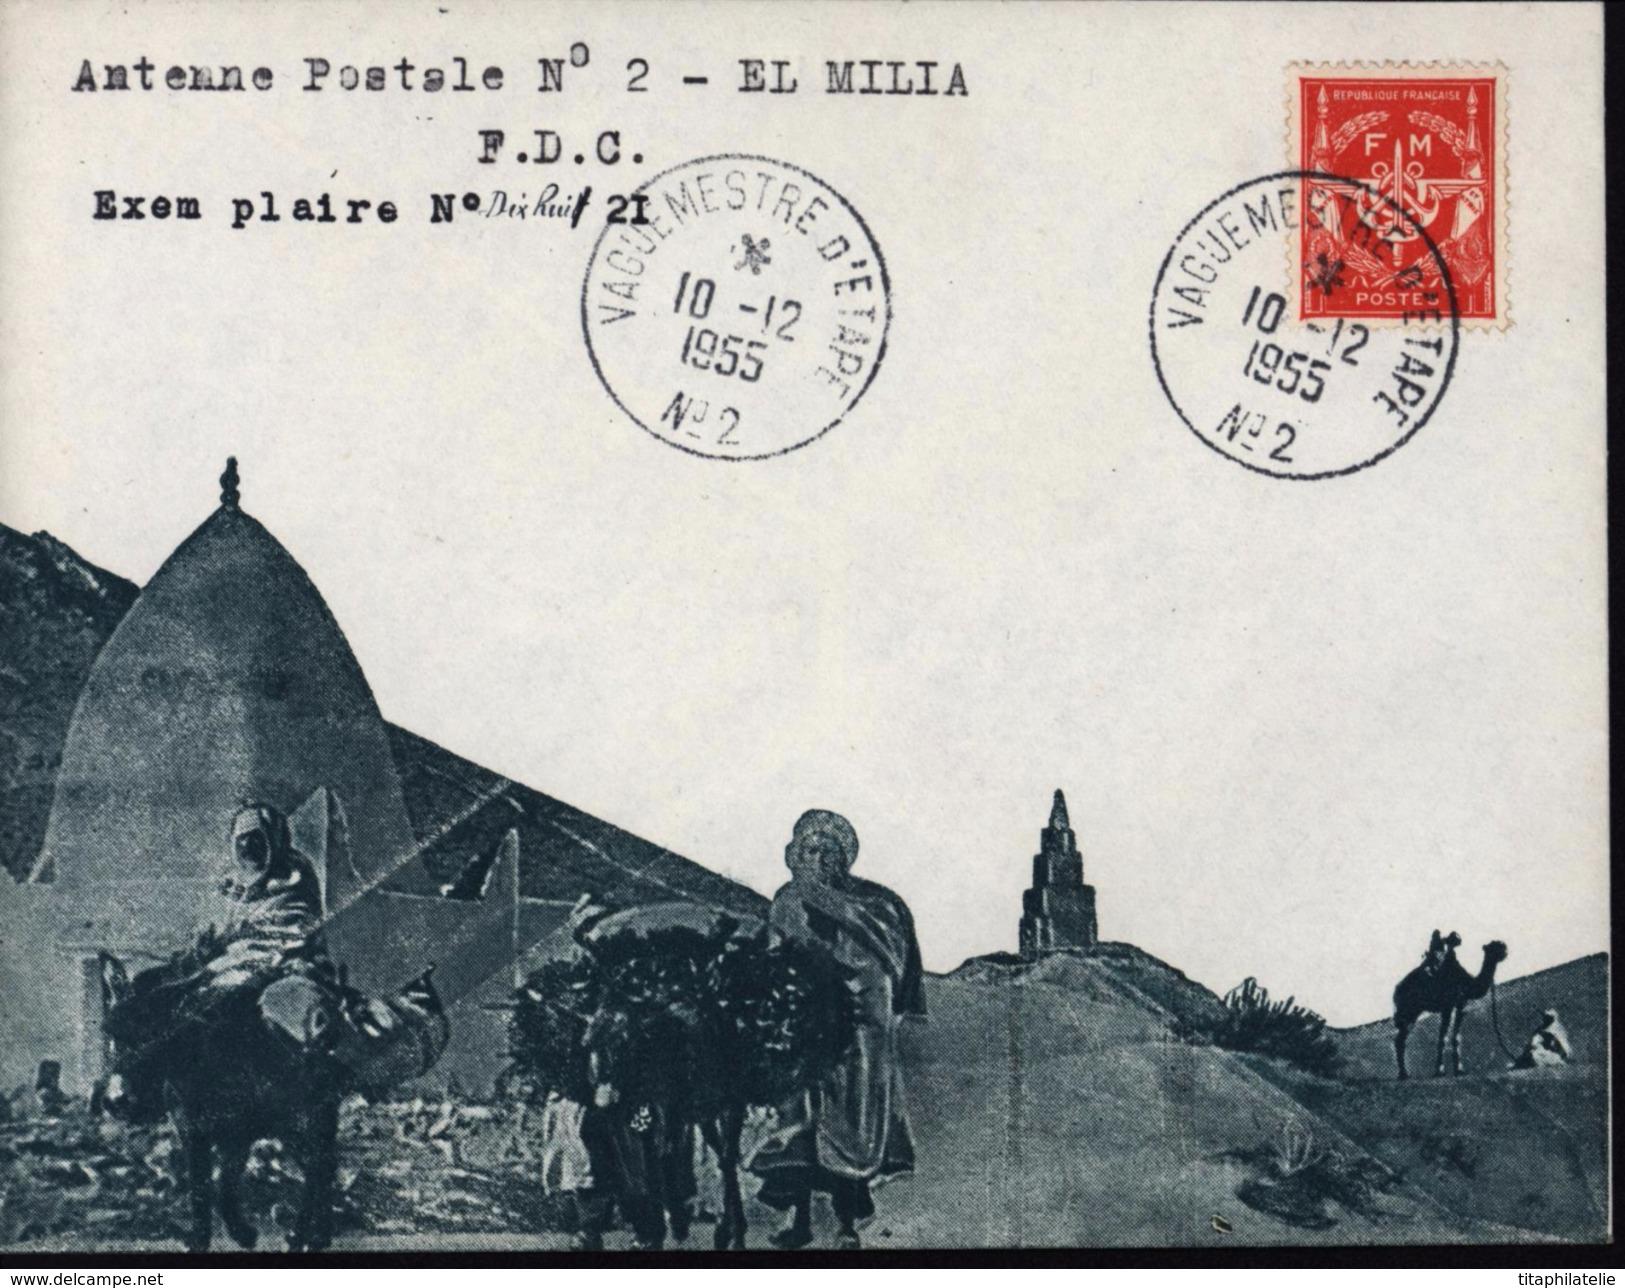 Guerre Algérie Enveloppe Illustrée Vert Arabes Marabout Dromadaire YT Franchise 12 CAD Vaguemestre D'étape N2 10 12 1955 - Marcophilie (Lettres)